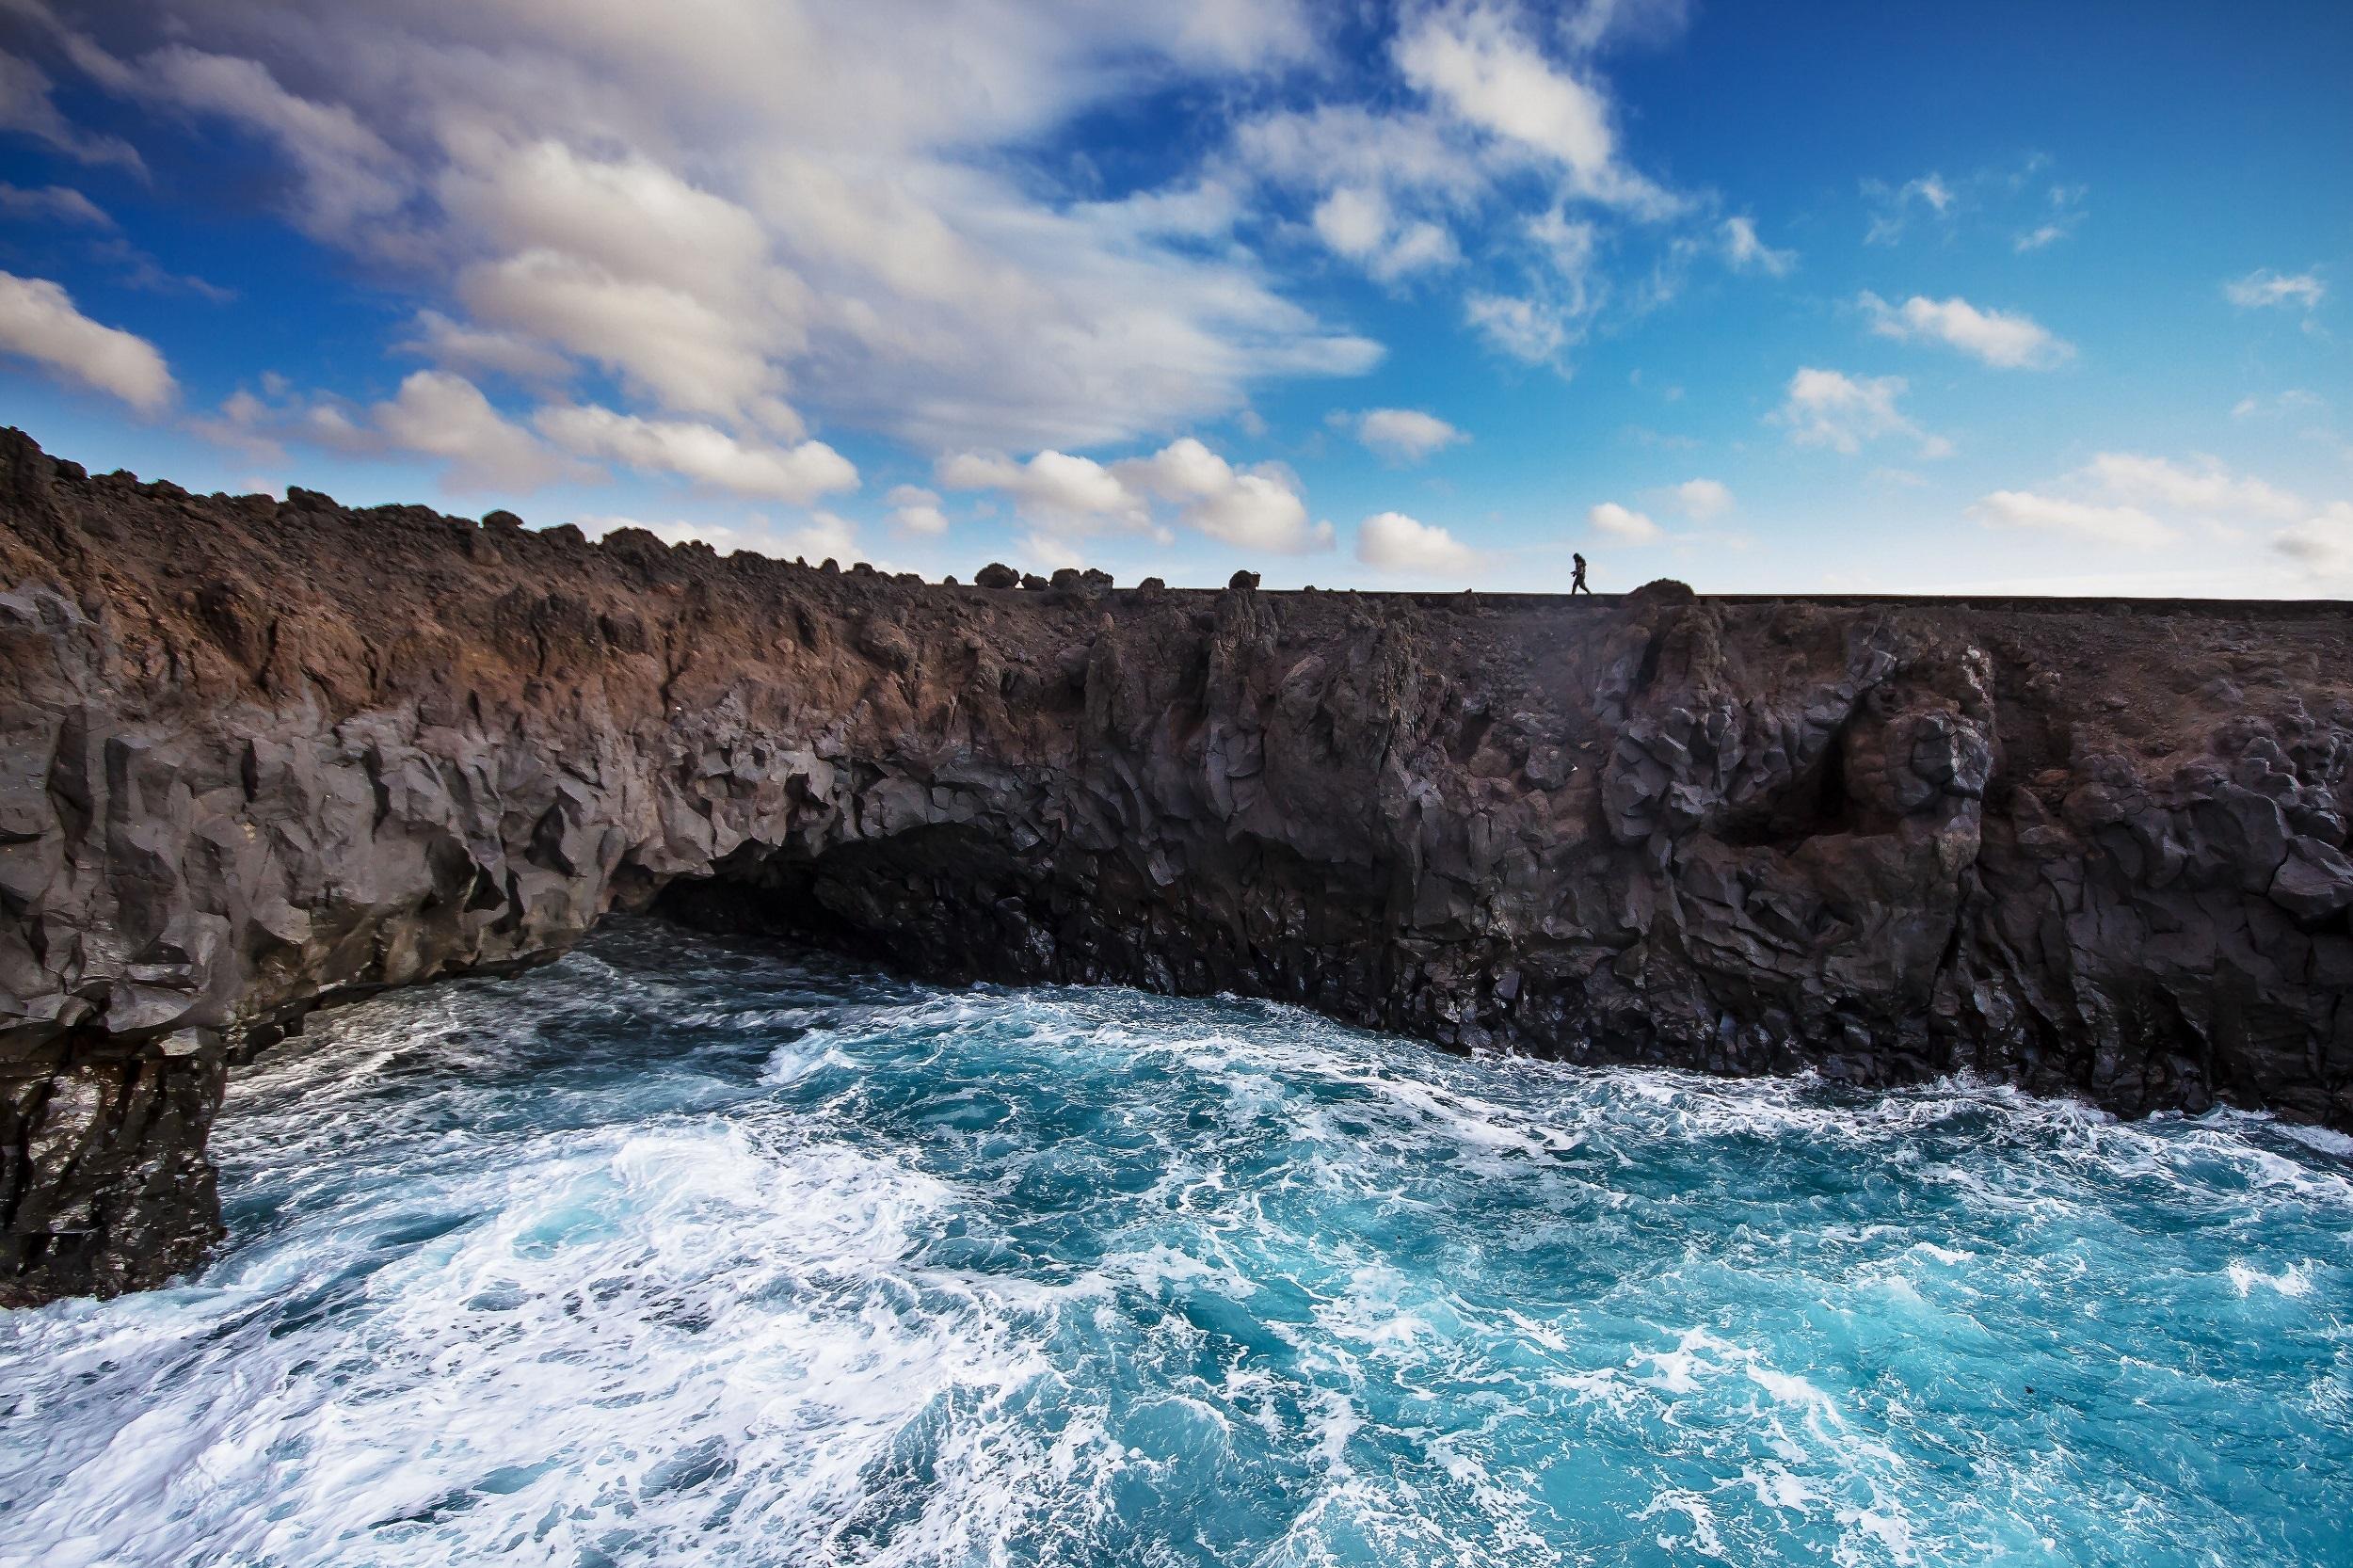 ...en dirección a los acantilados de lava volcánica de Los Hervideros